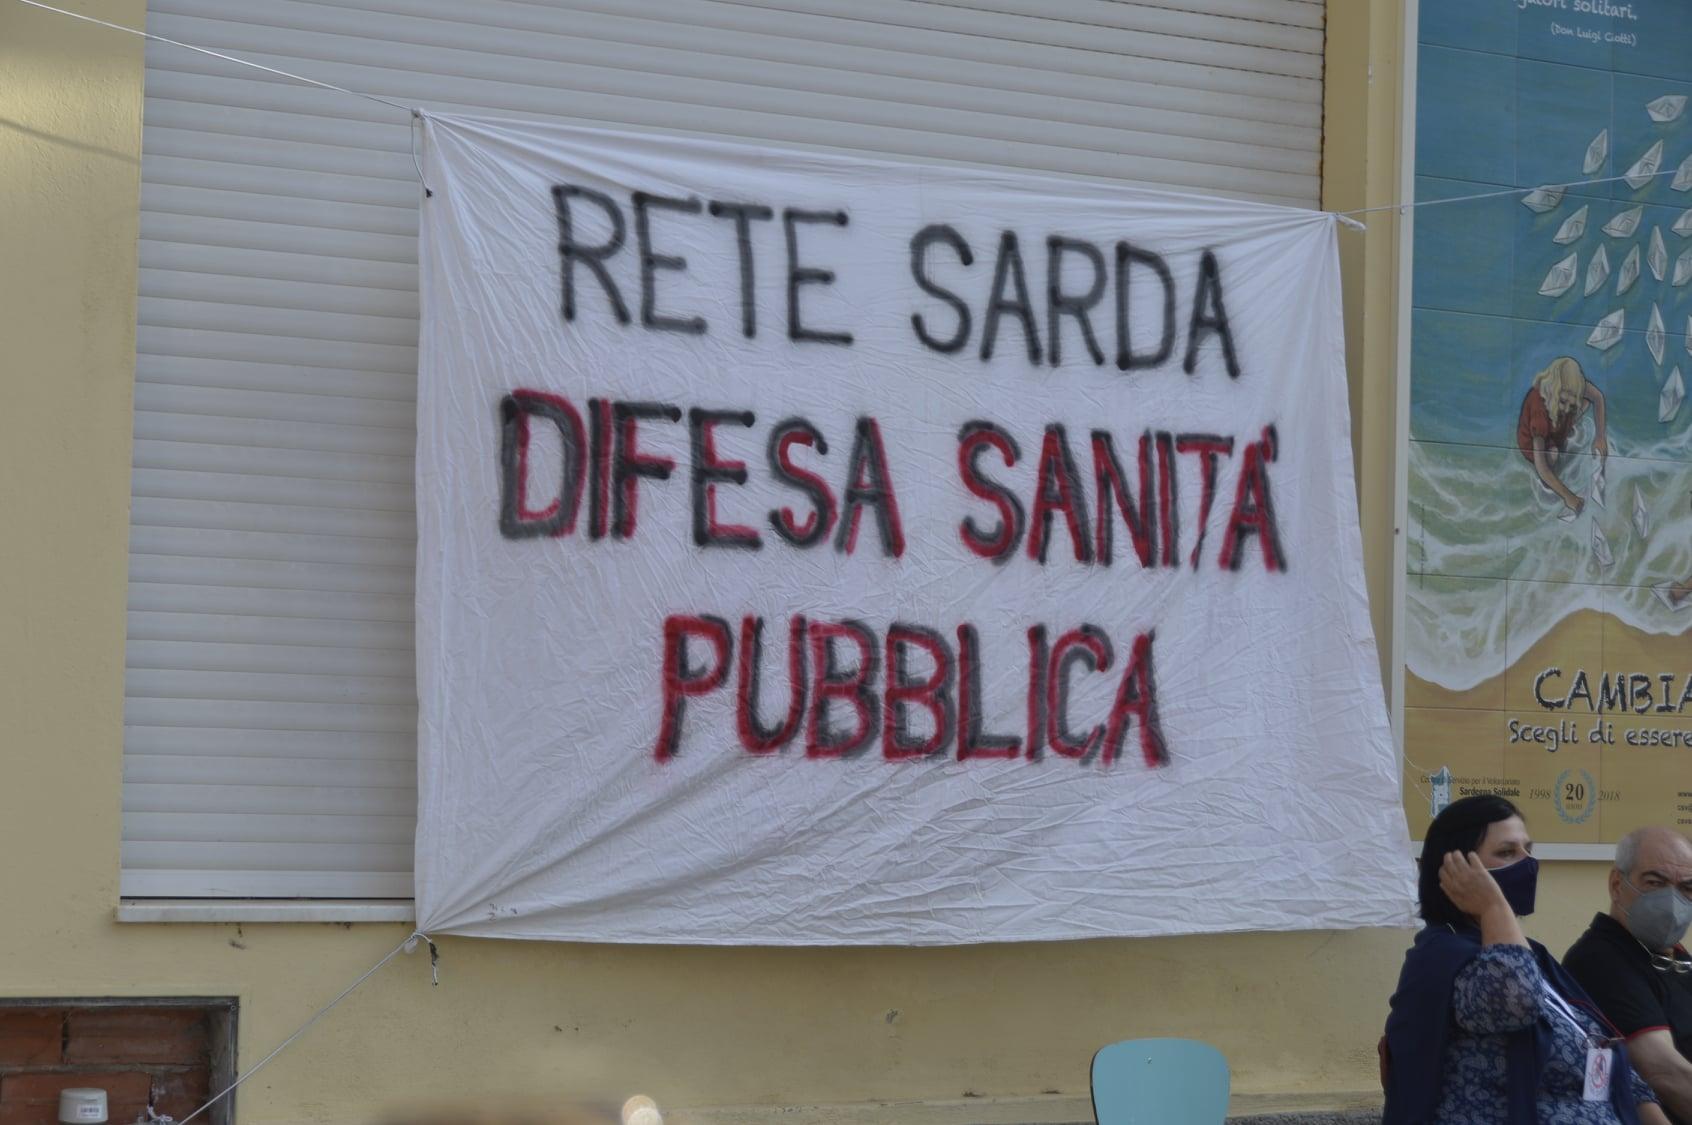 16-09-2021_uniti_in_difesa_degli_ospedali_la_marcia_per_la_sanità_pubblica_sarda.html